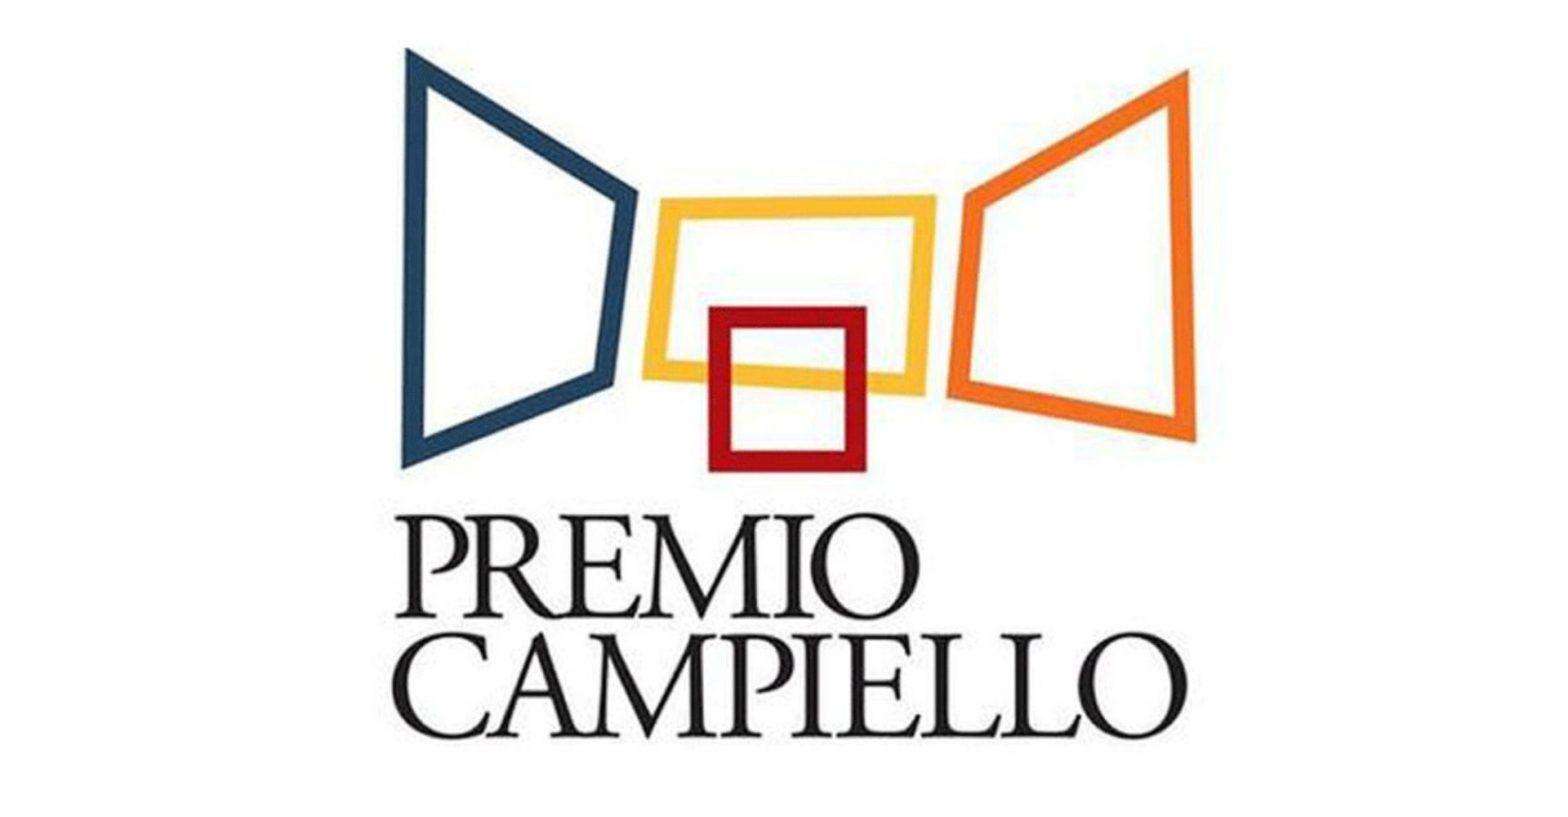 Premio Campiello: l'omaggio a Del Giudice aprirà la finale del 4 settembre all'Arsenale di Venezia